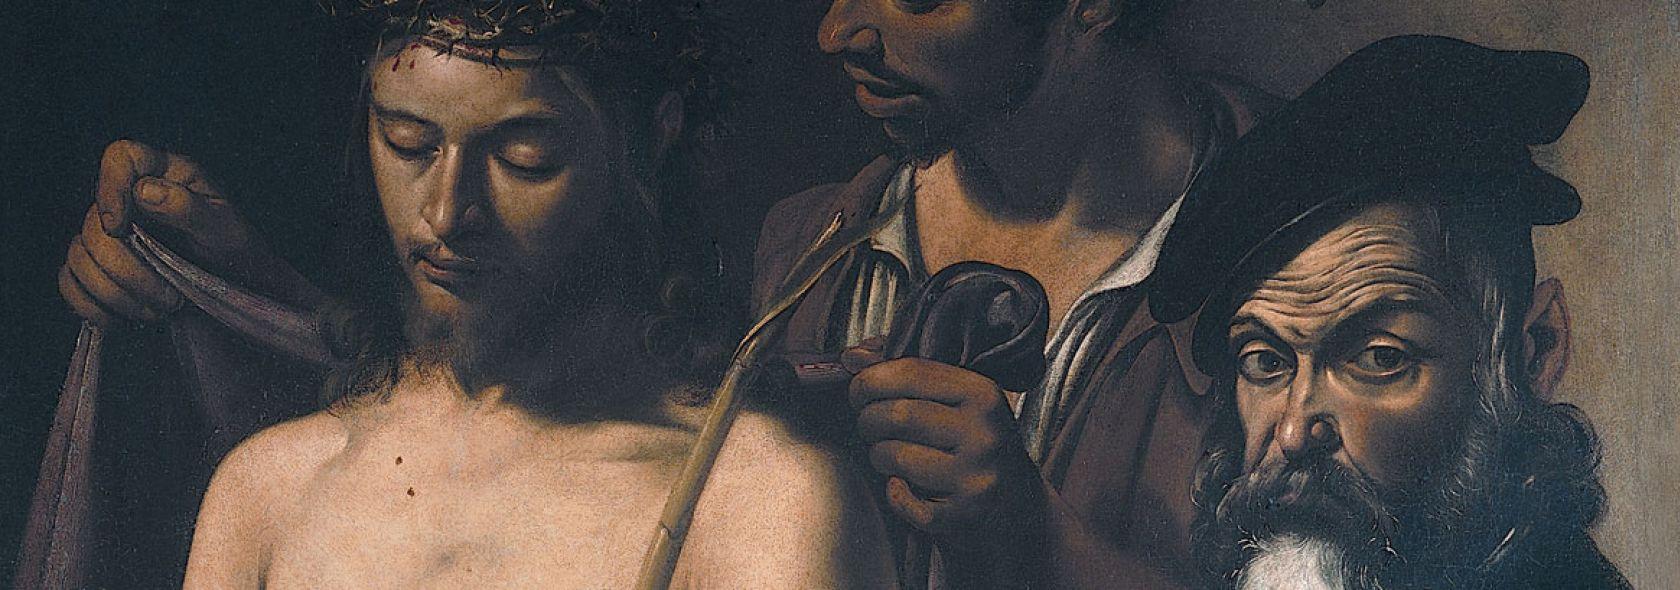 Musei di Strada Nuova - Palazzo Bianco - Caravaggio Ecce-homo - ©MuseidiStradaNu